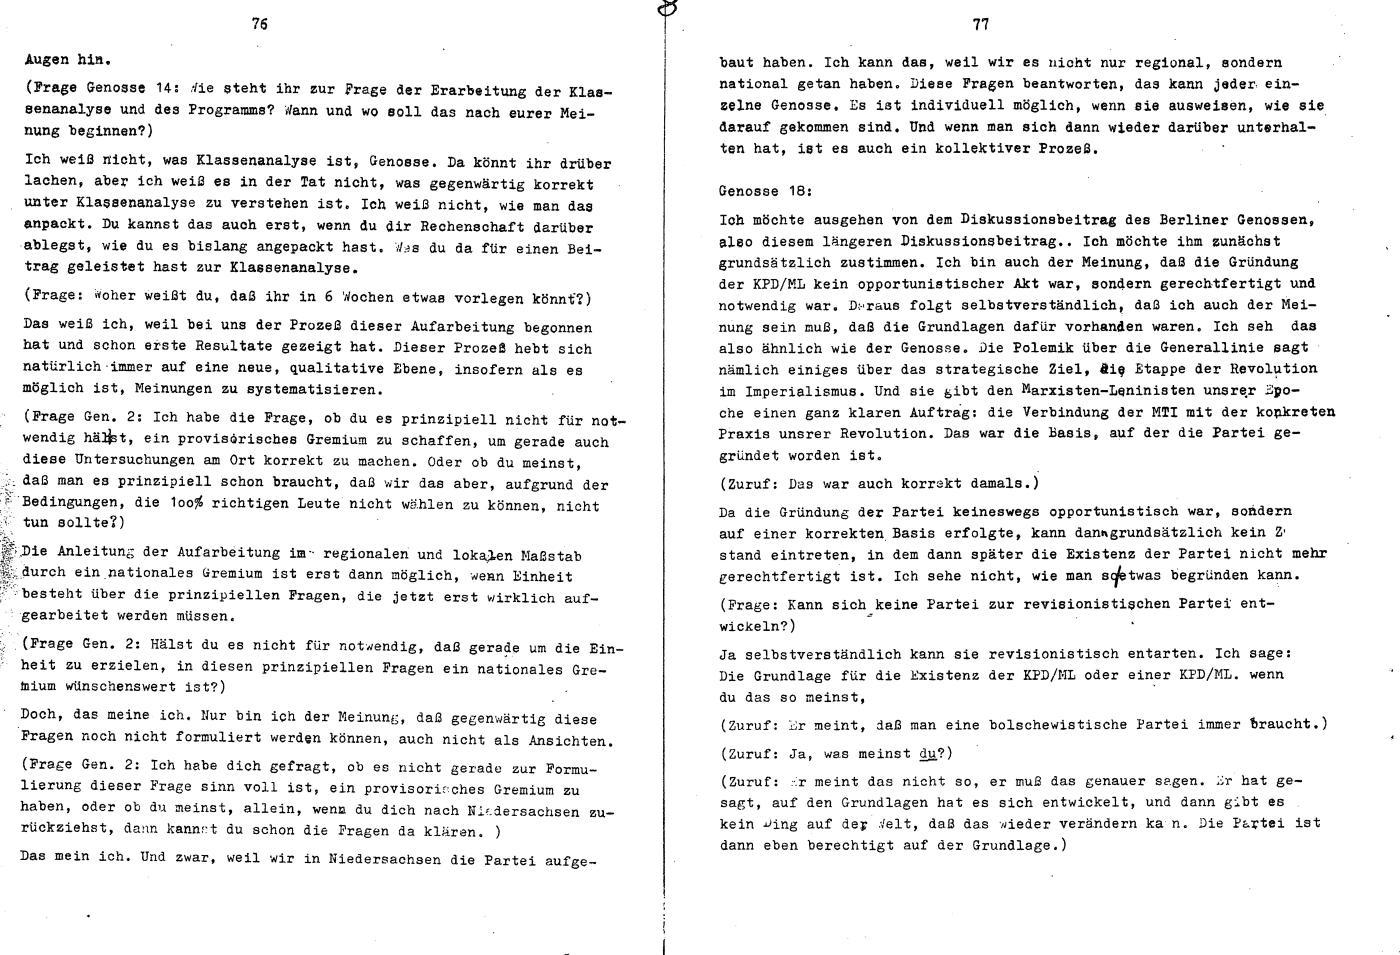 KPDML_1971_Wortprotokolle_aoPt_027